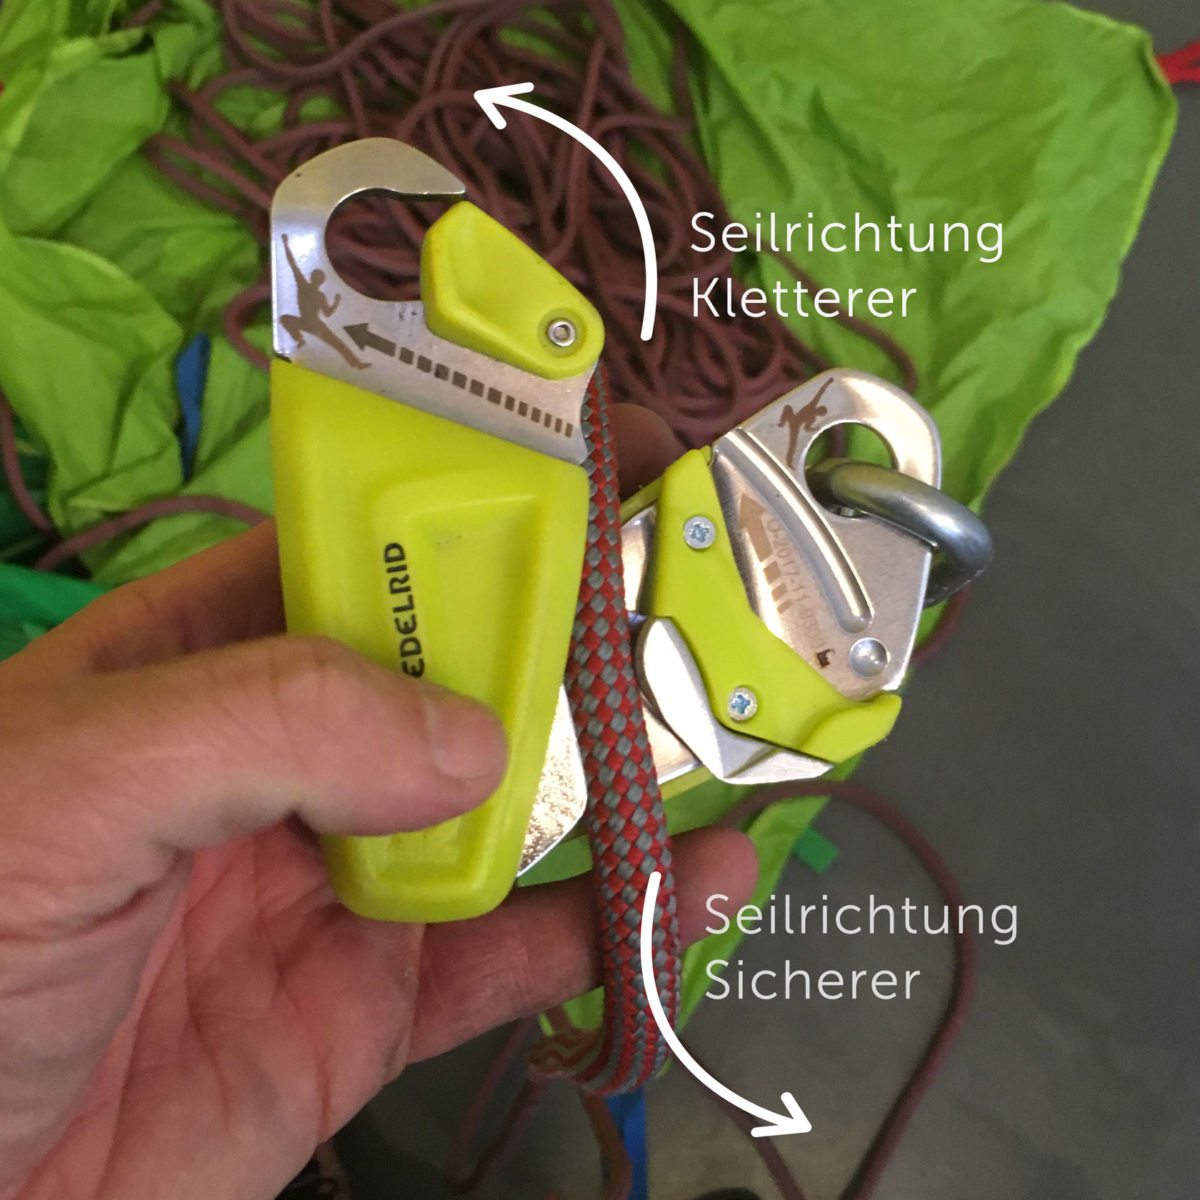 Edelrid Ohm: Das Seil wird entsprechend der Kennzeichnung von rechts nach links eingelegt.